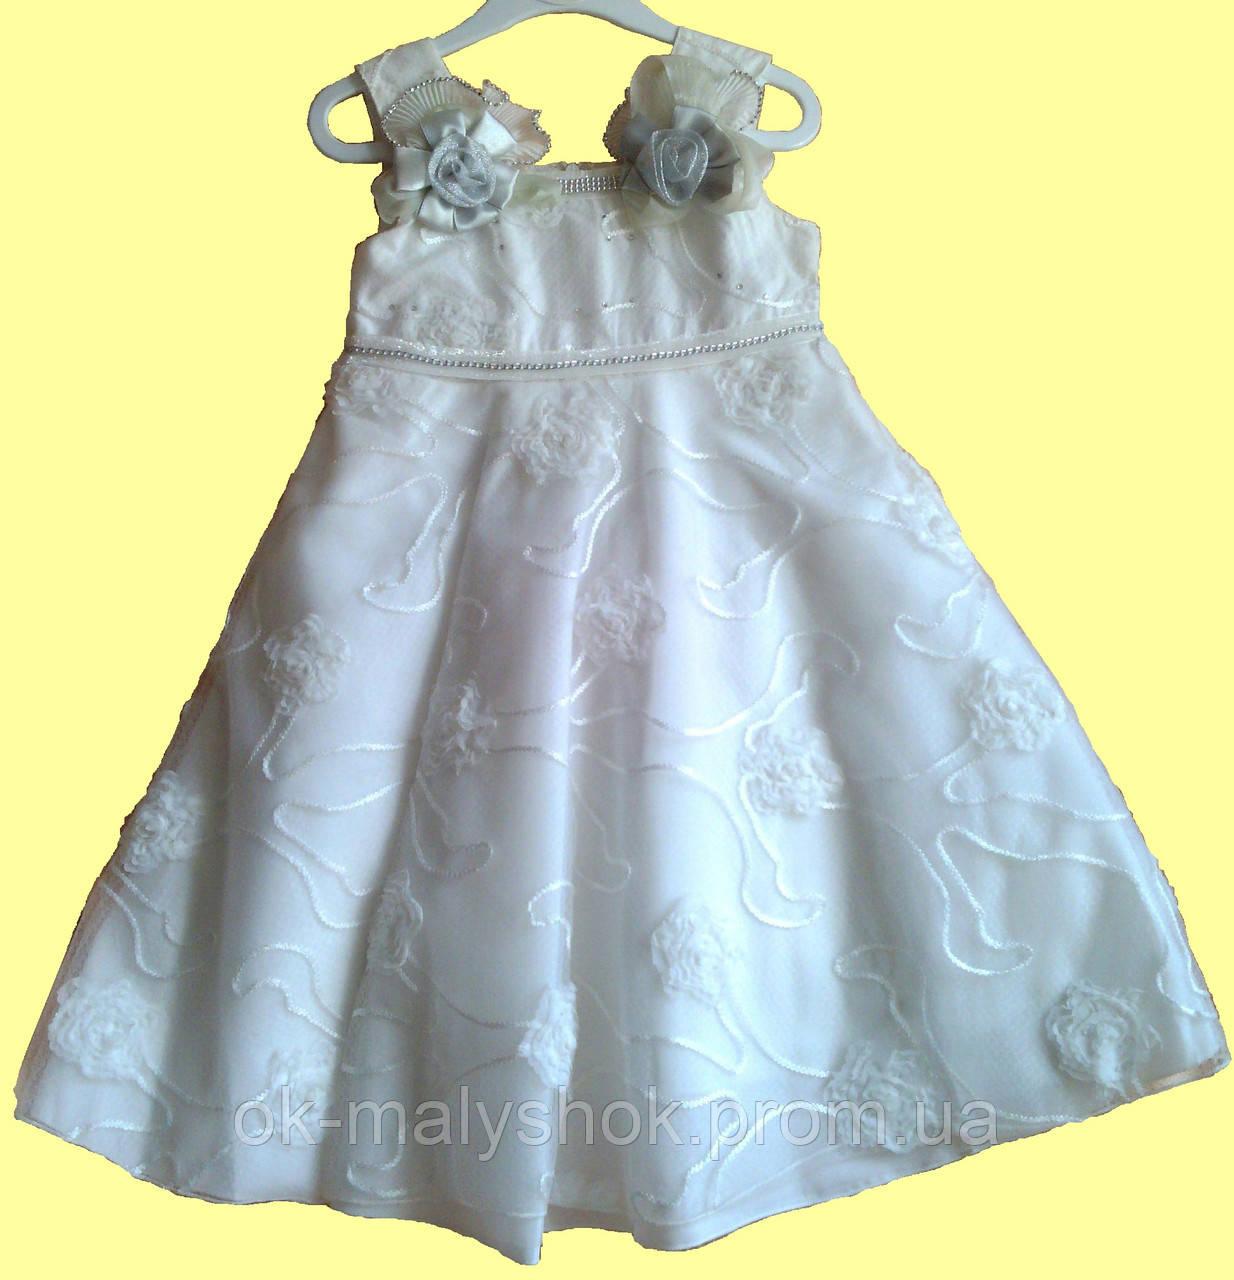 97230bcac811f95 Нарядное белое платье для девочки, р.2: продажа, цена в Киеве ...